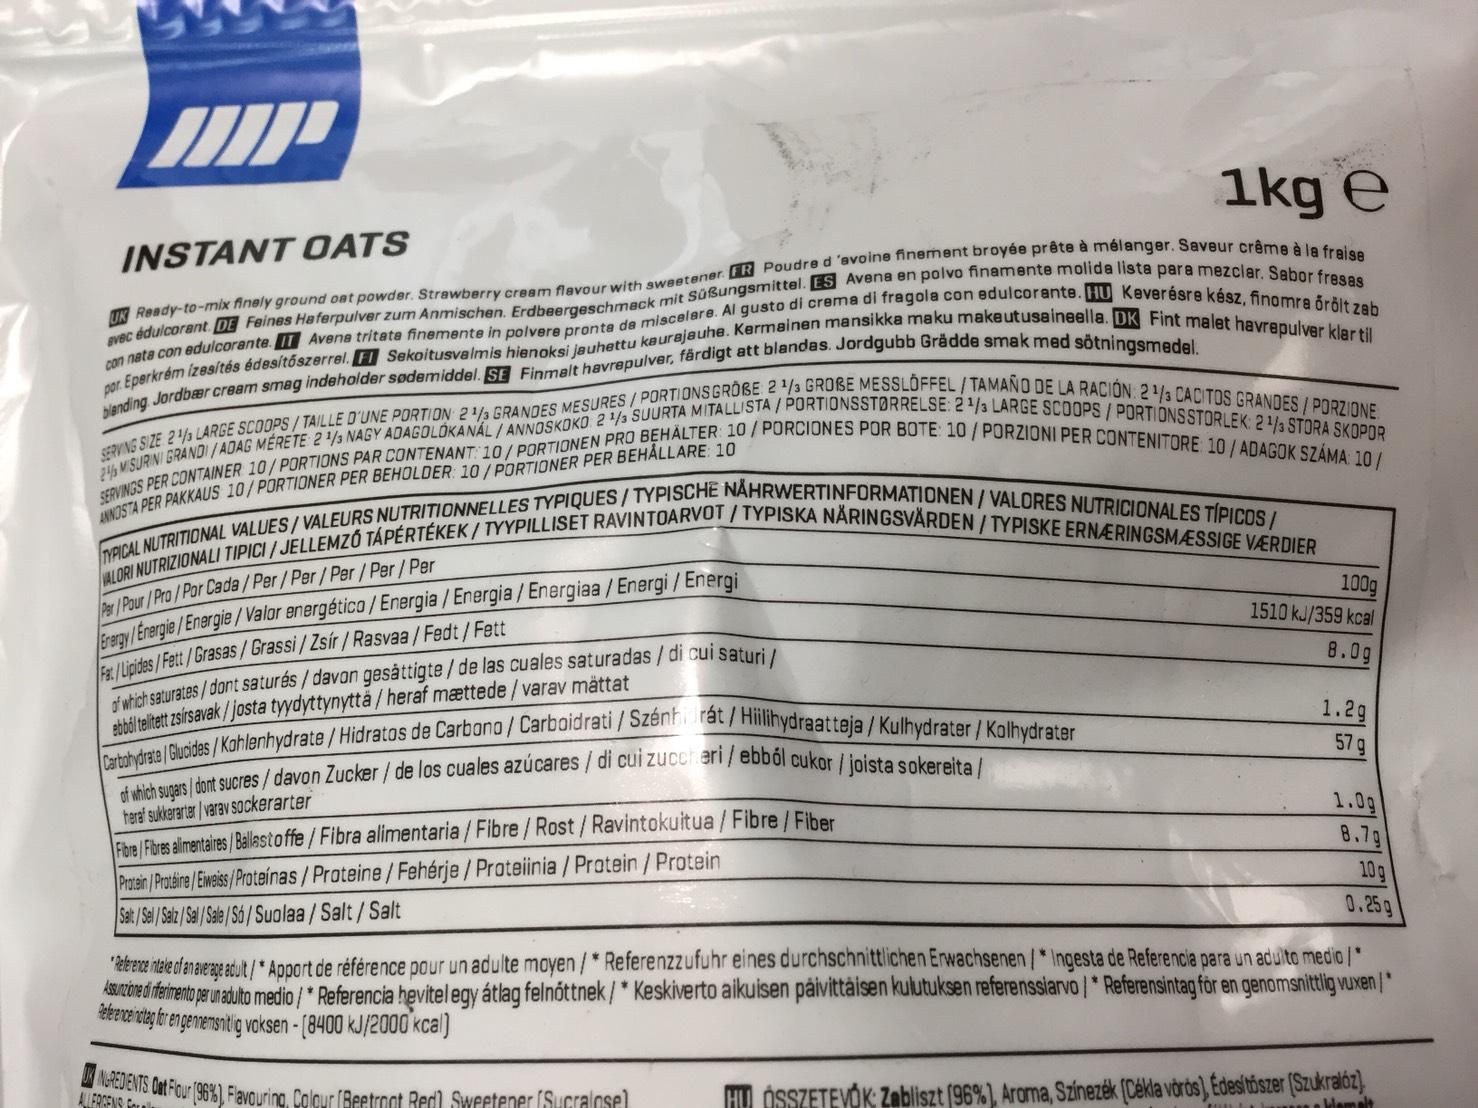 INSTANT OATS(インスタントオーツ)「STRAWBERRY CREAM FLAVOUR(ストロベリークリーム味)」の成分表